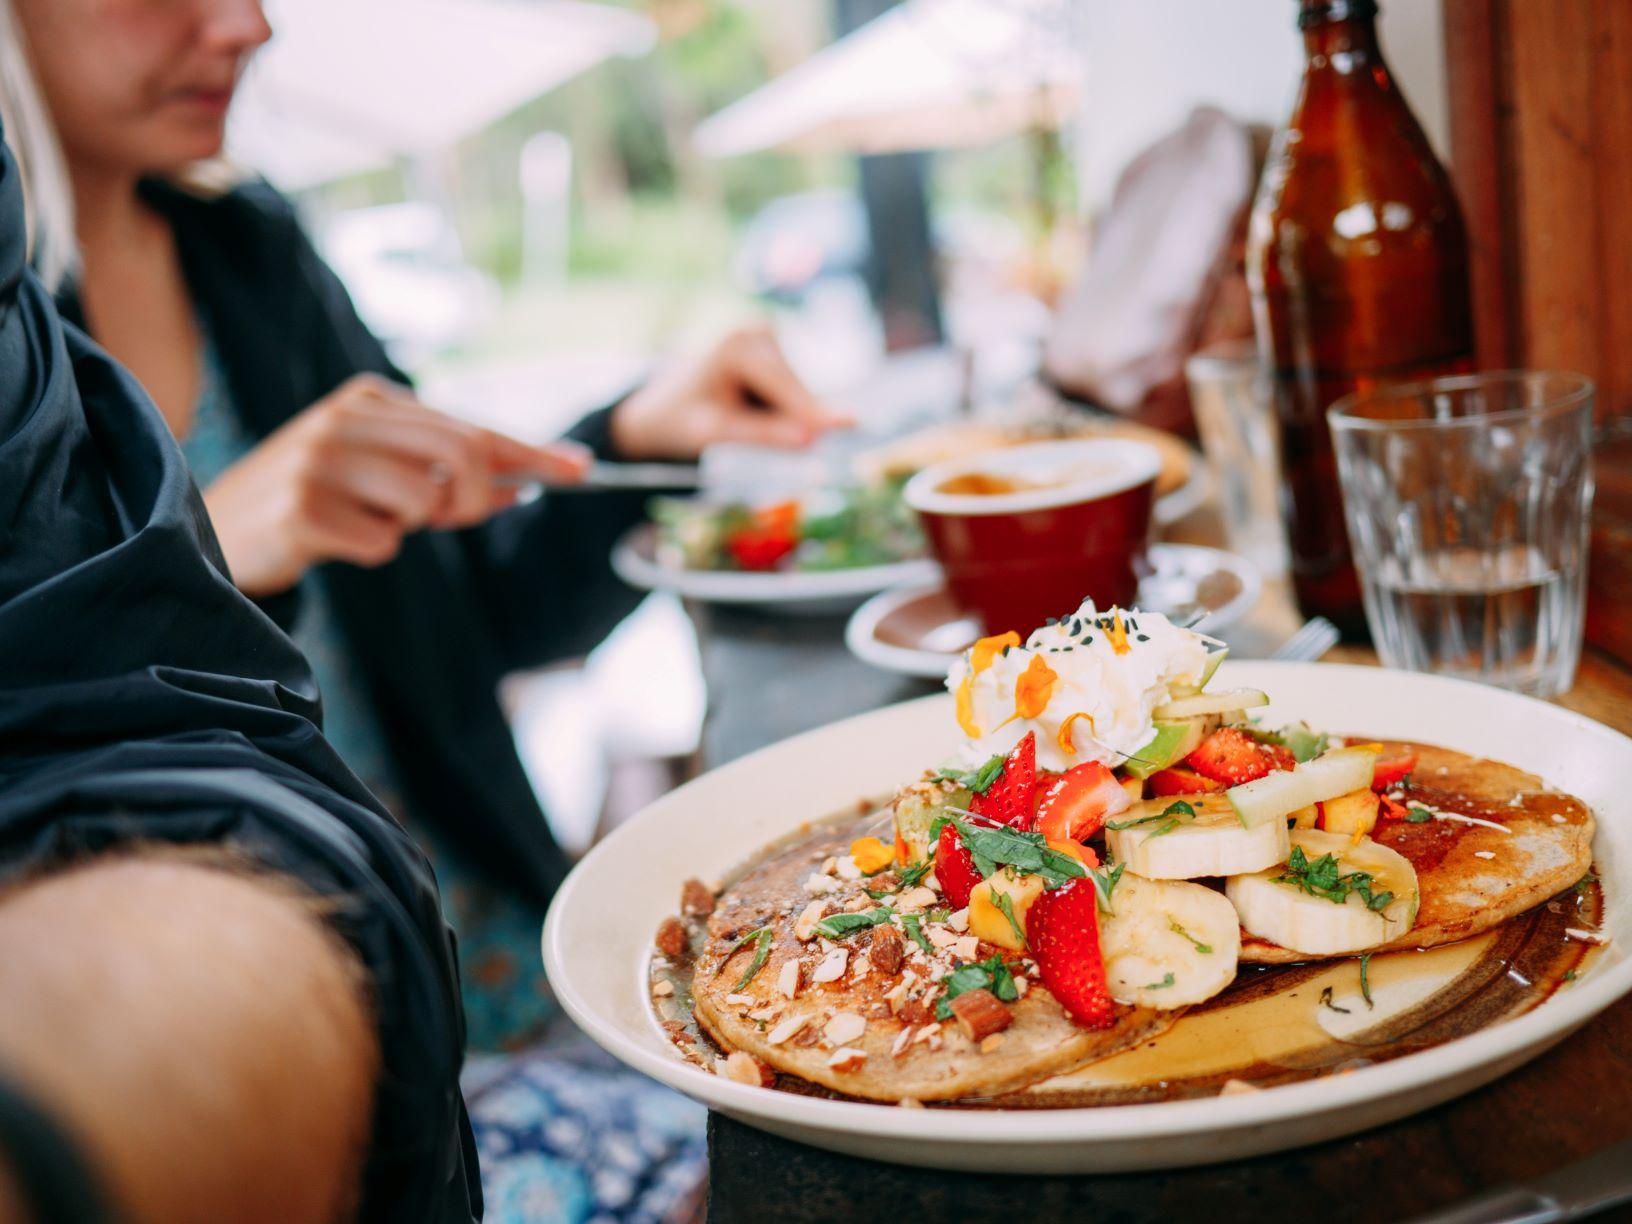 Top Restaurants In Deerfield Beach Fl